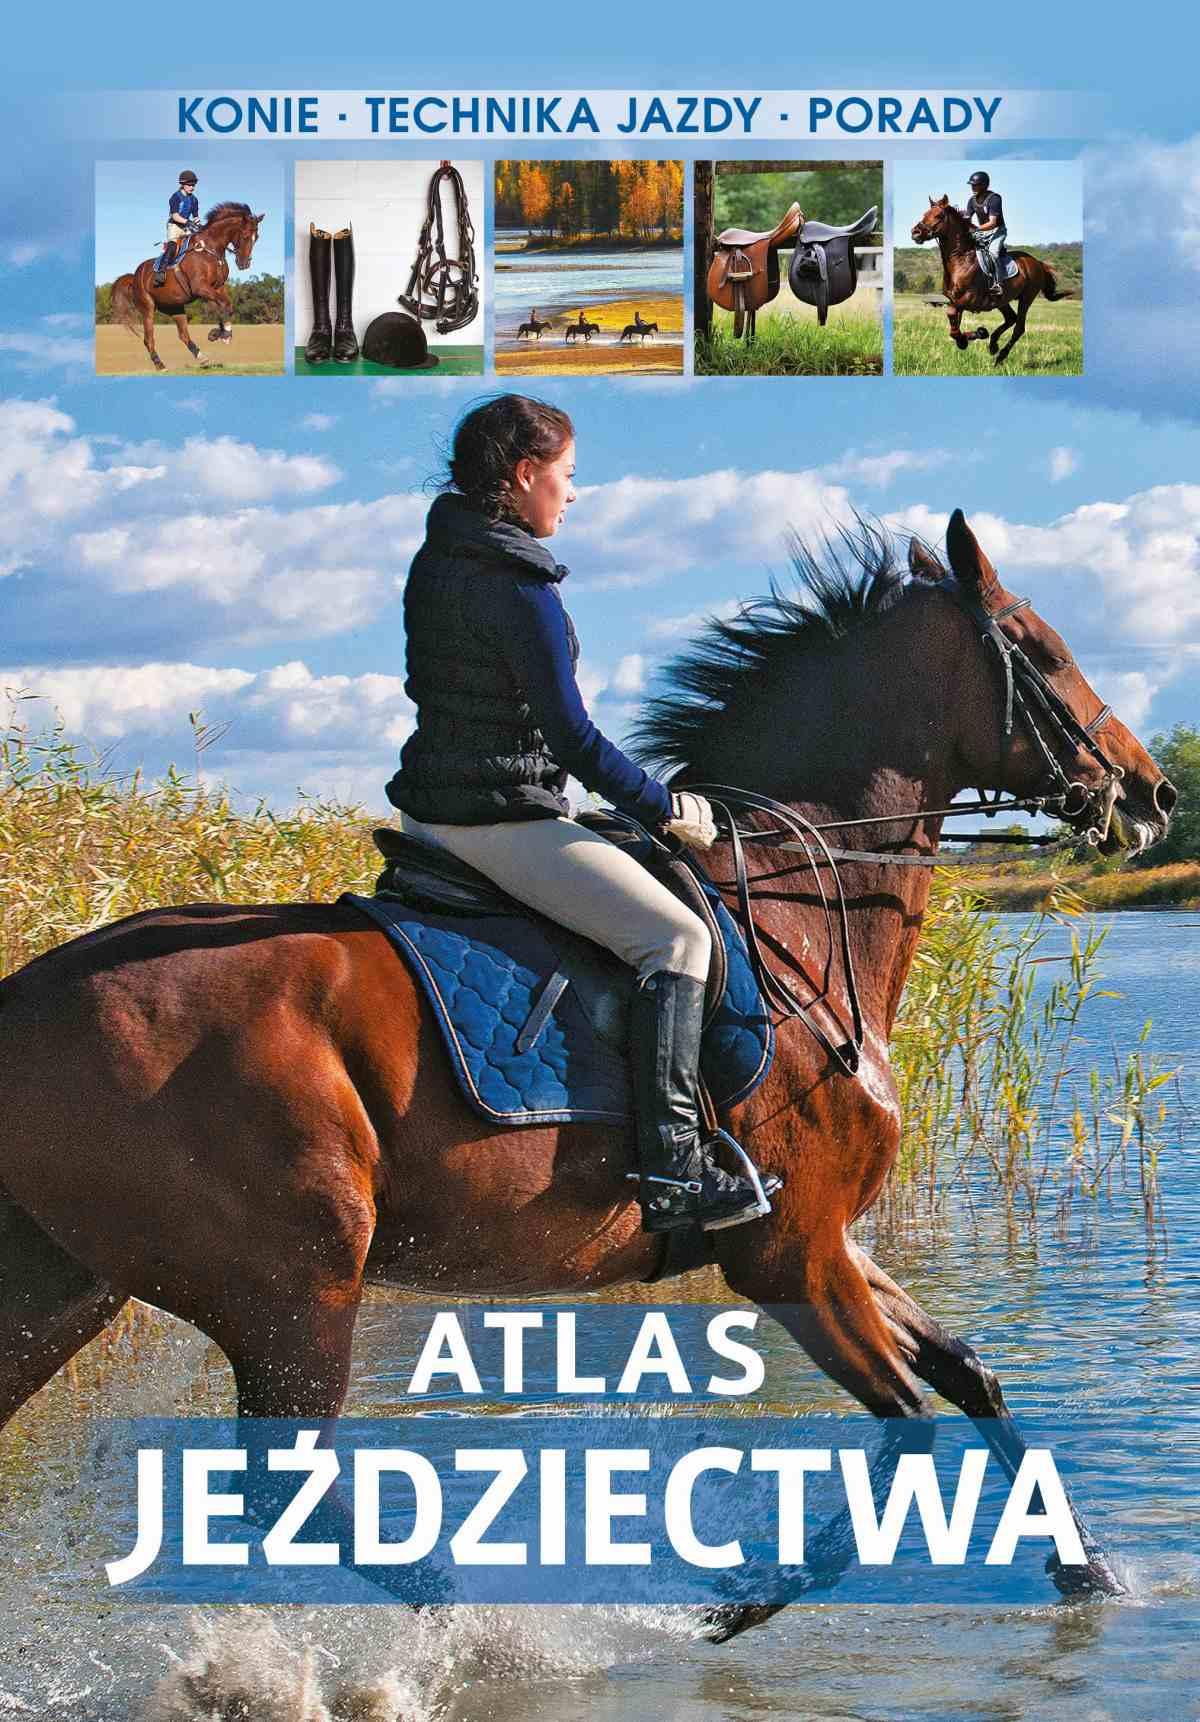 Atlas jeździectwa - Ebook (Książka PDF) do pobrania w formacie PDF